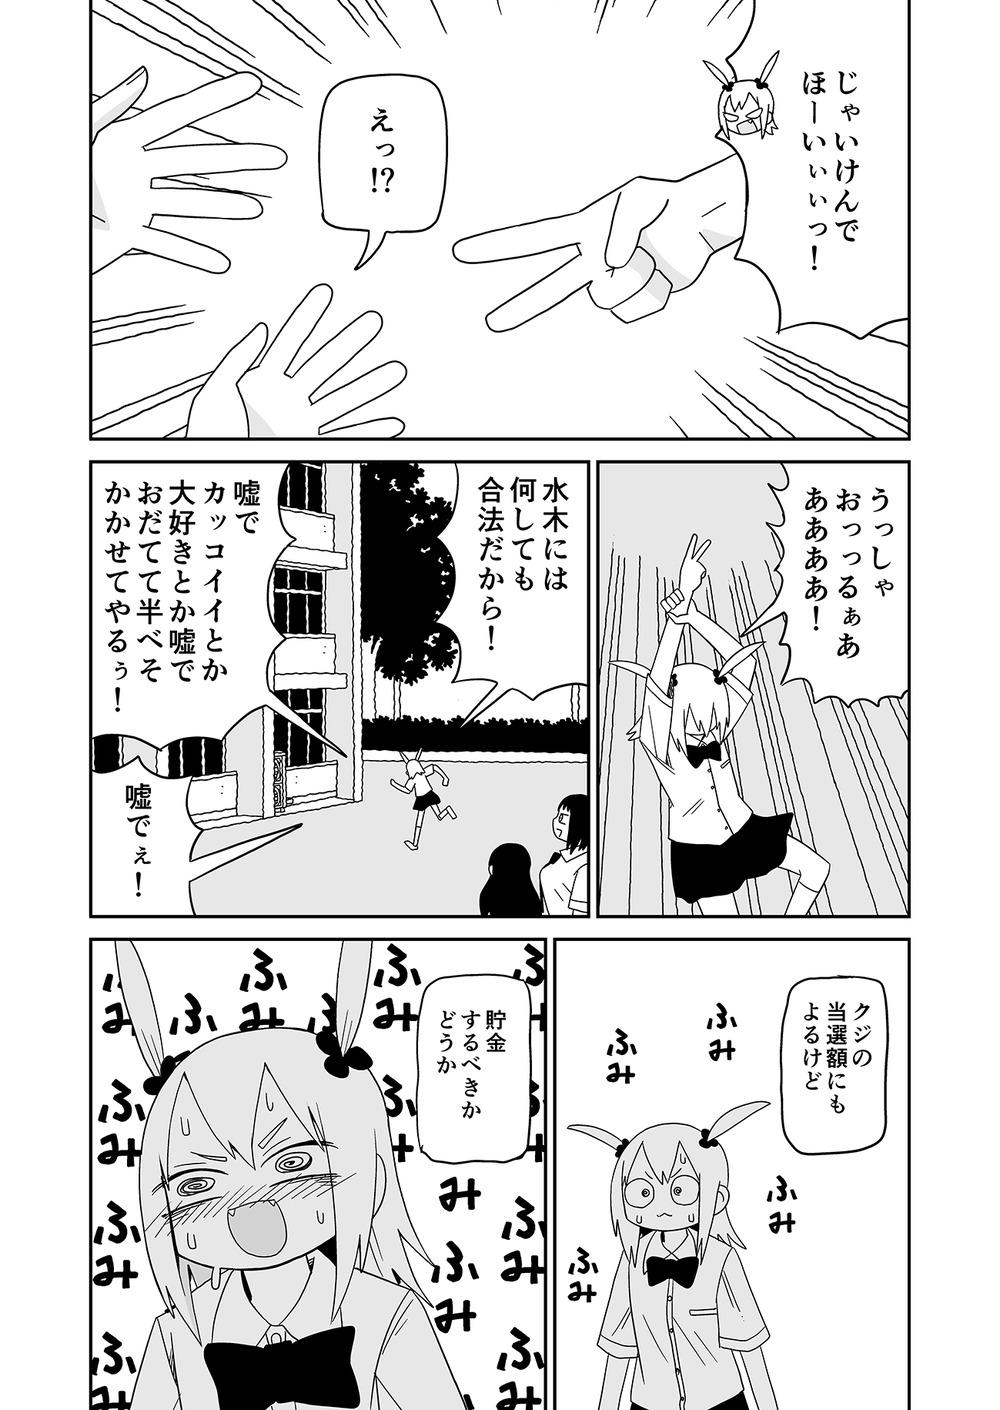 潮舞データオマケ30023